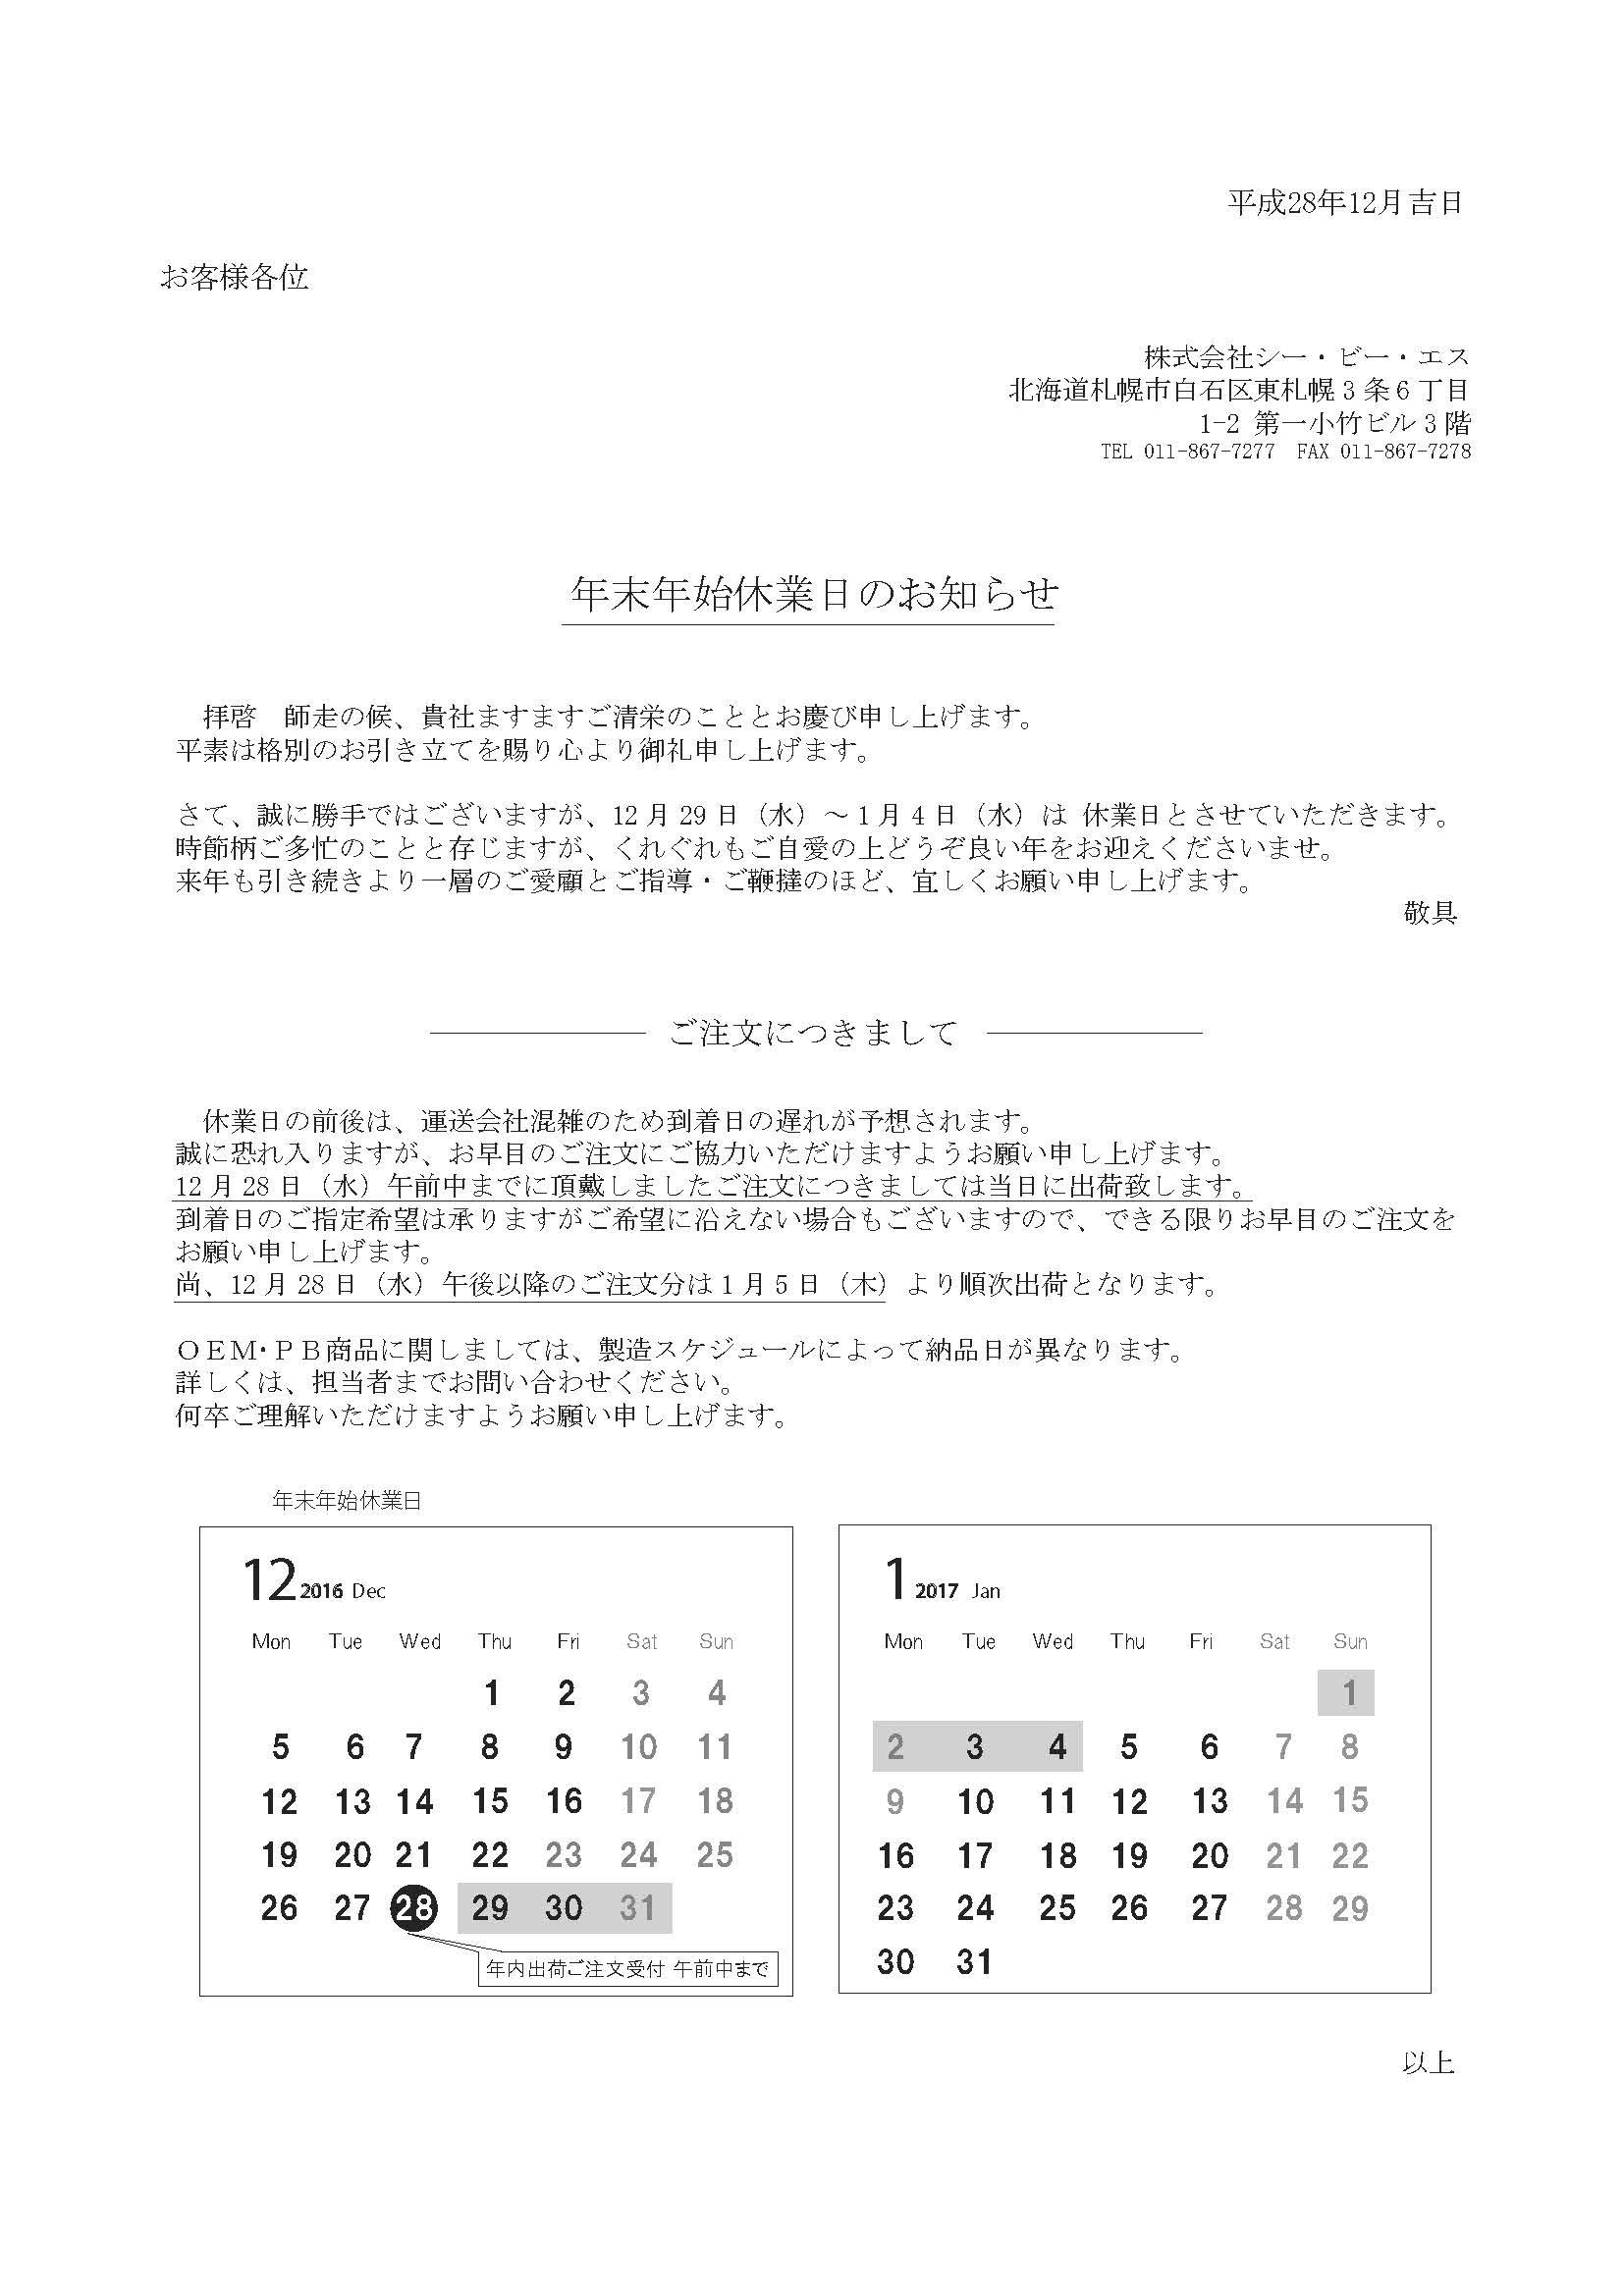 2016_2017kyuugyou